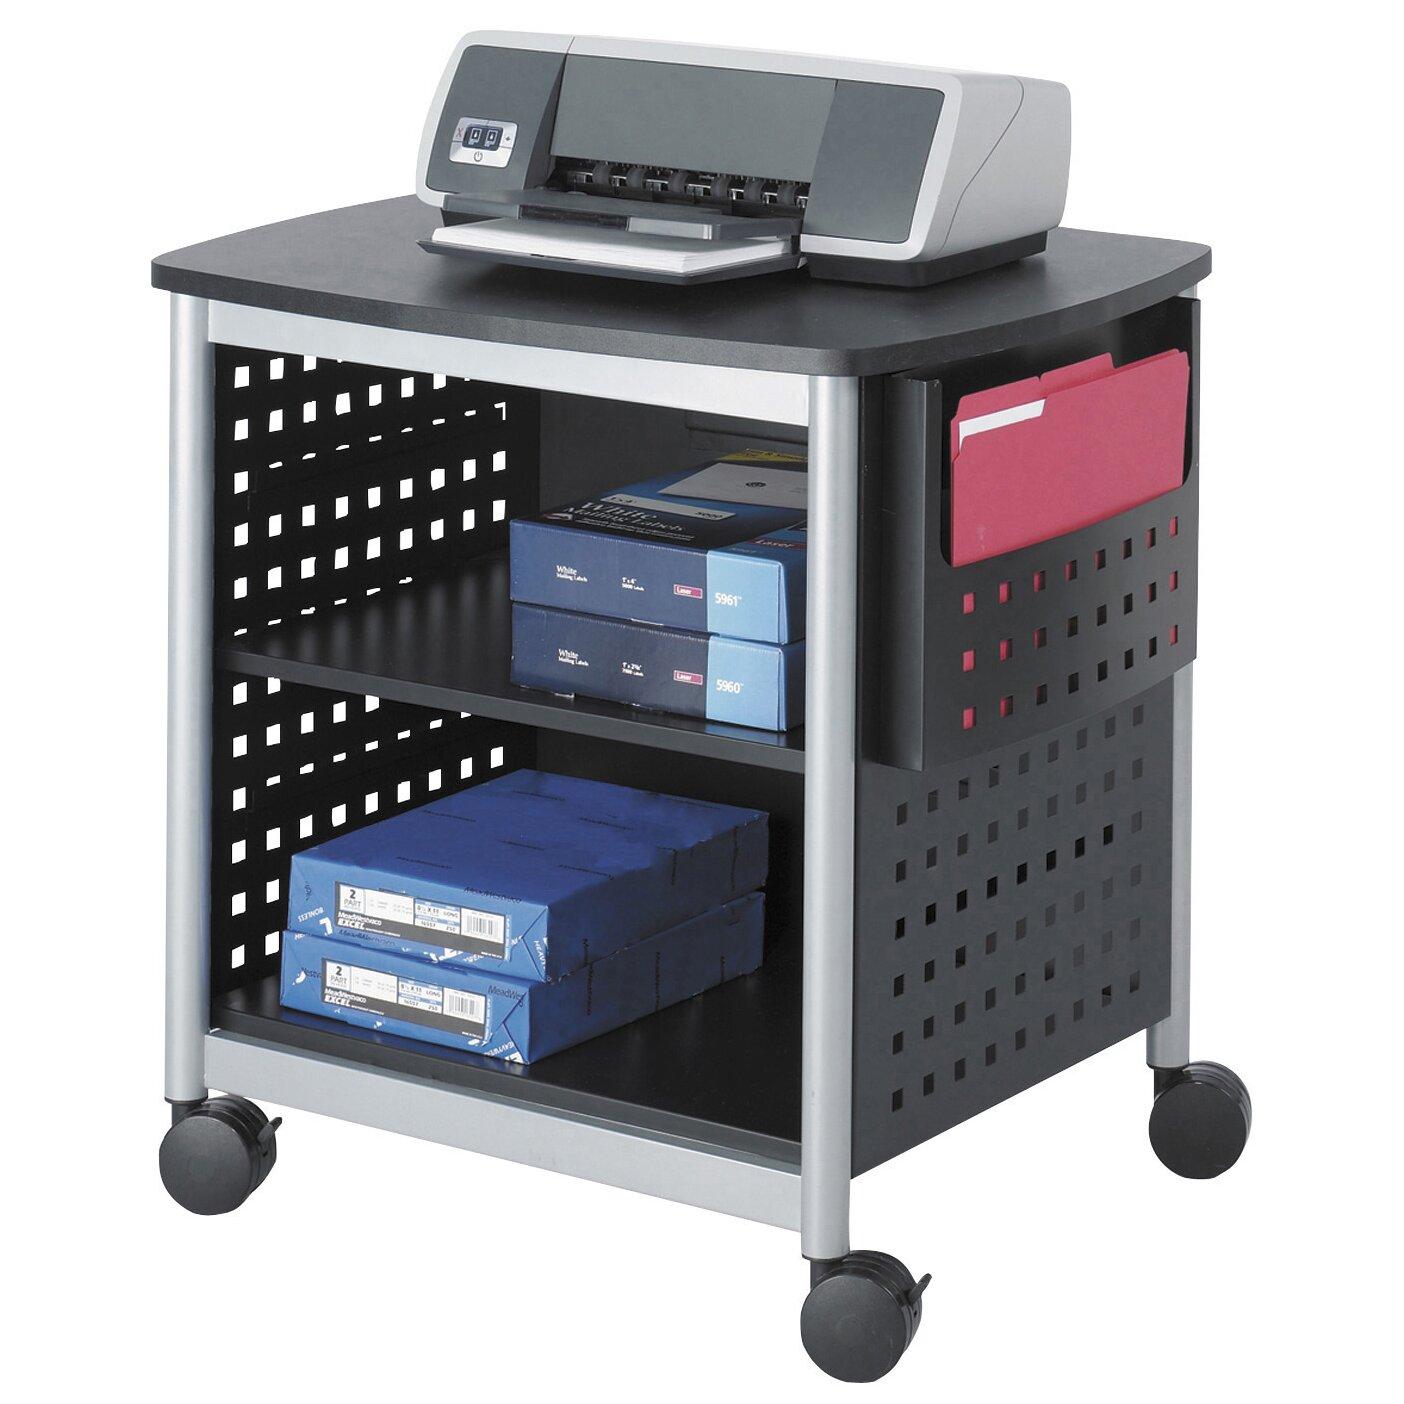 Printer Stand With Shelves : Tonyswadenalocker.com